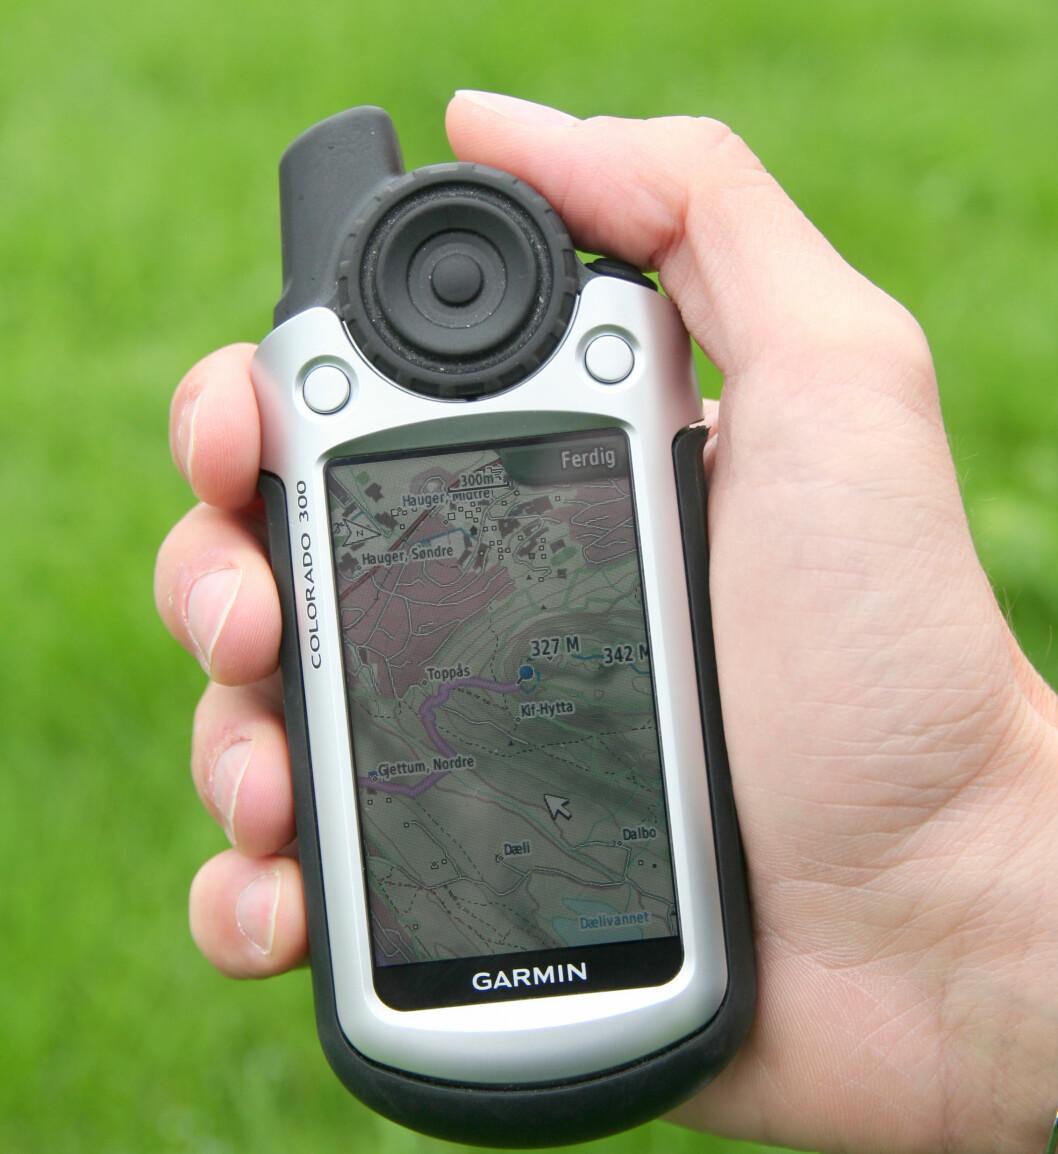 Selv de uten stedsans burde klare å finne ruten med denne nye GPS-tjenesten. Foto: Geodata